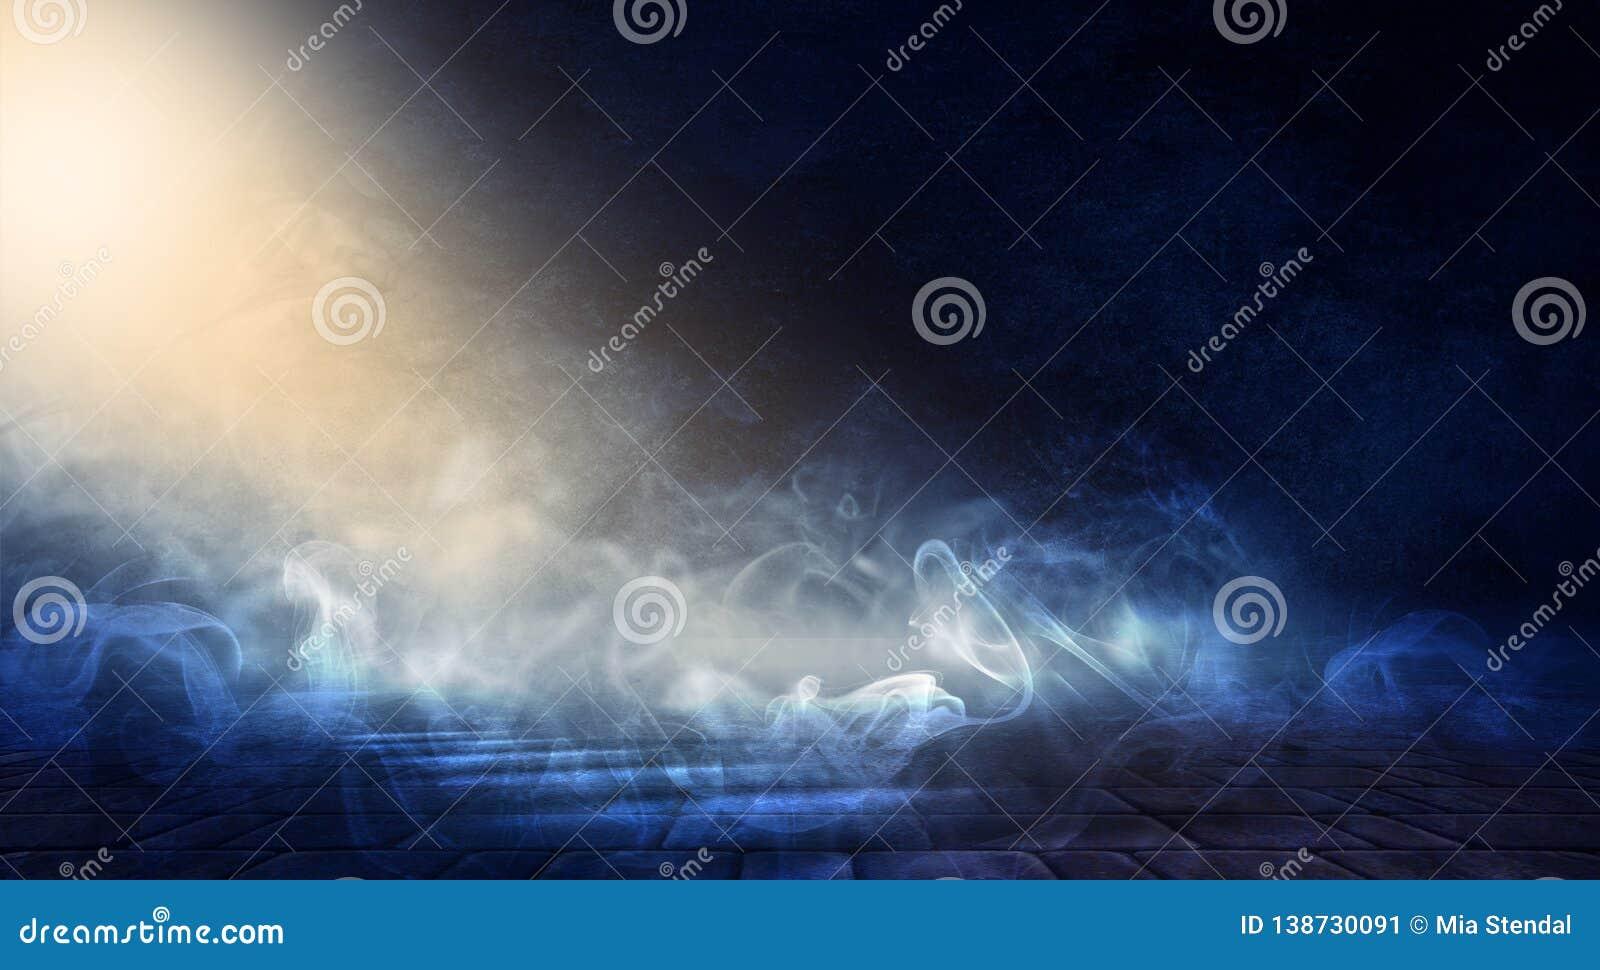 Hintergrund eines leeren dunkel-schwarzen Raumes Leere Backsteinmauern, Lichter, Rauch, Glühen, Strahlen